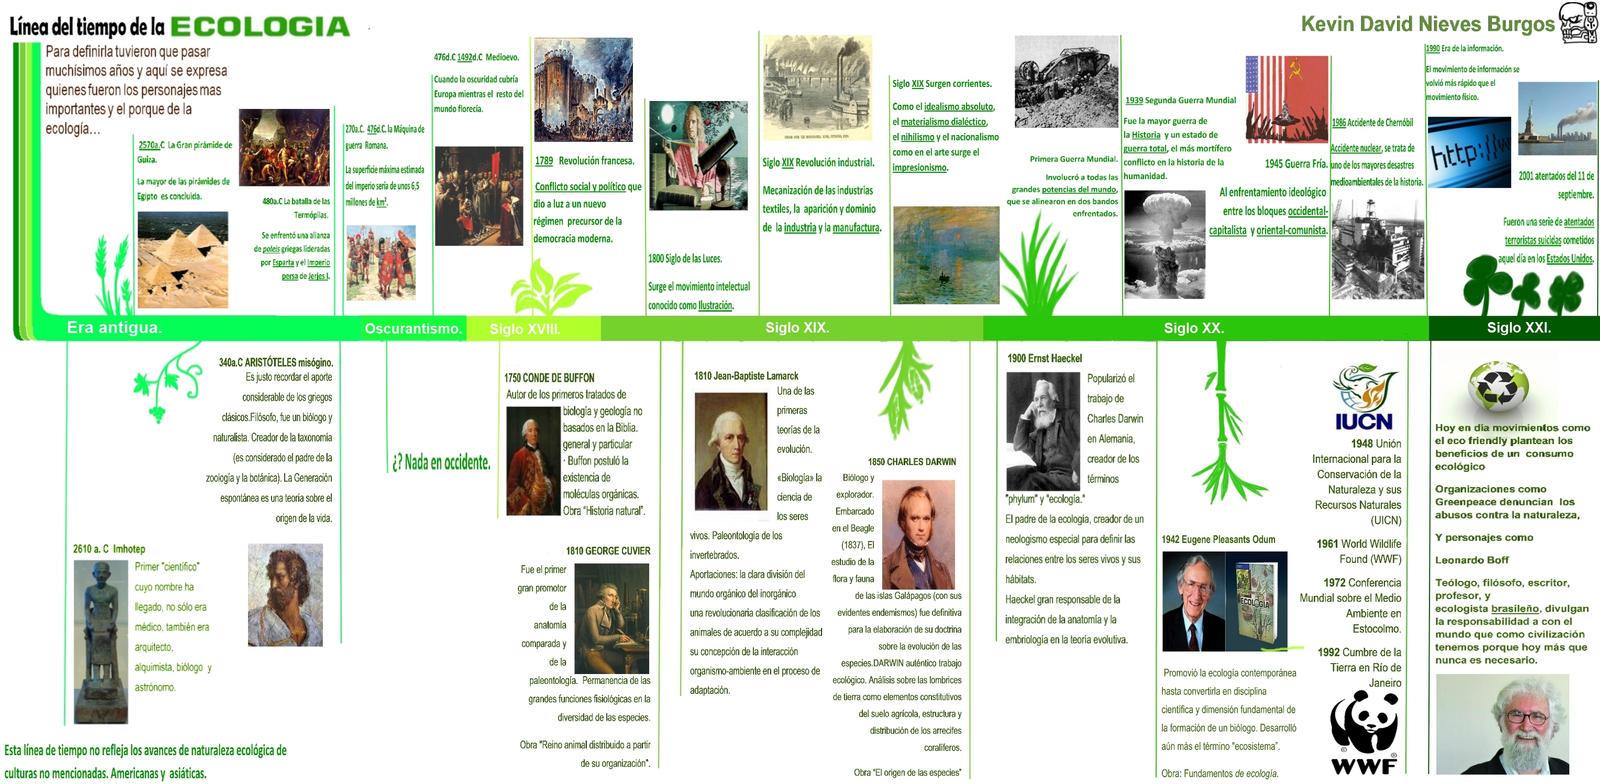 Linea del tiempo de la ecologia de kevin. by ah-puch-zegno